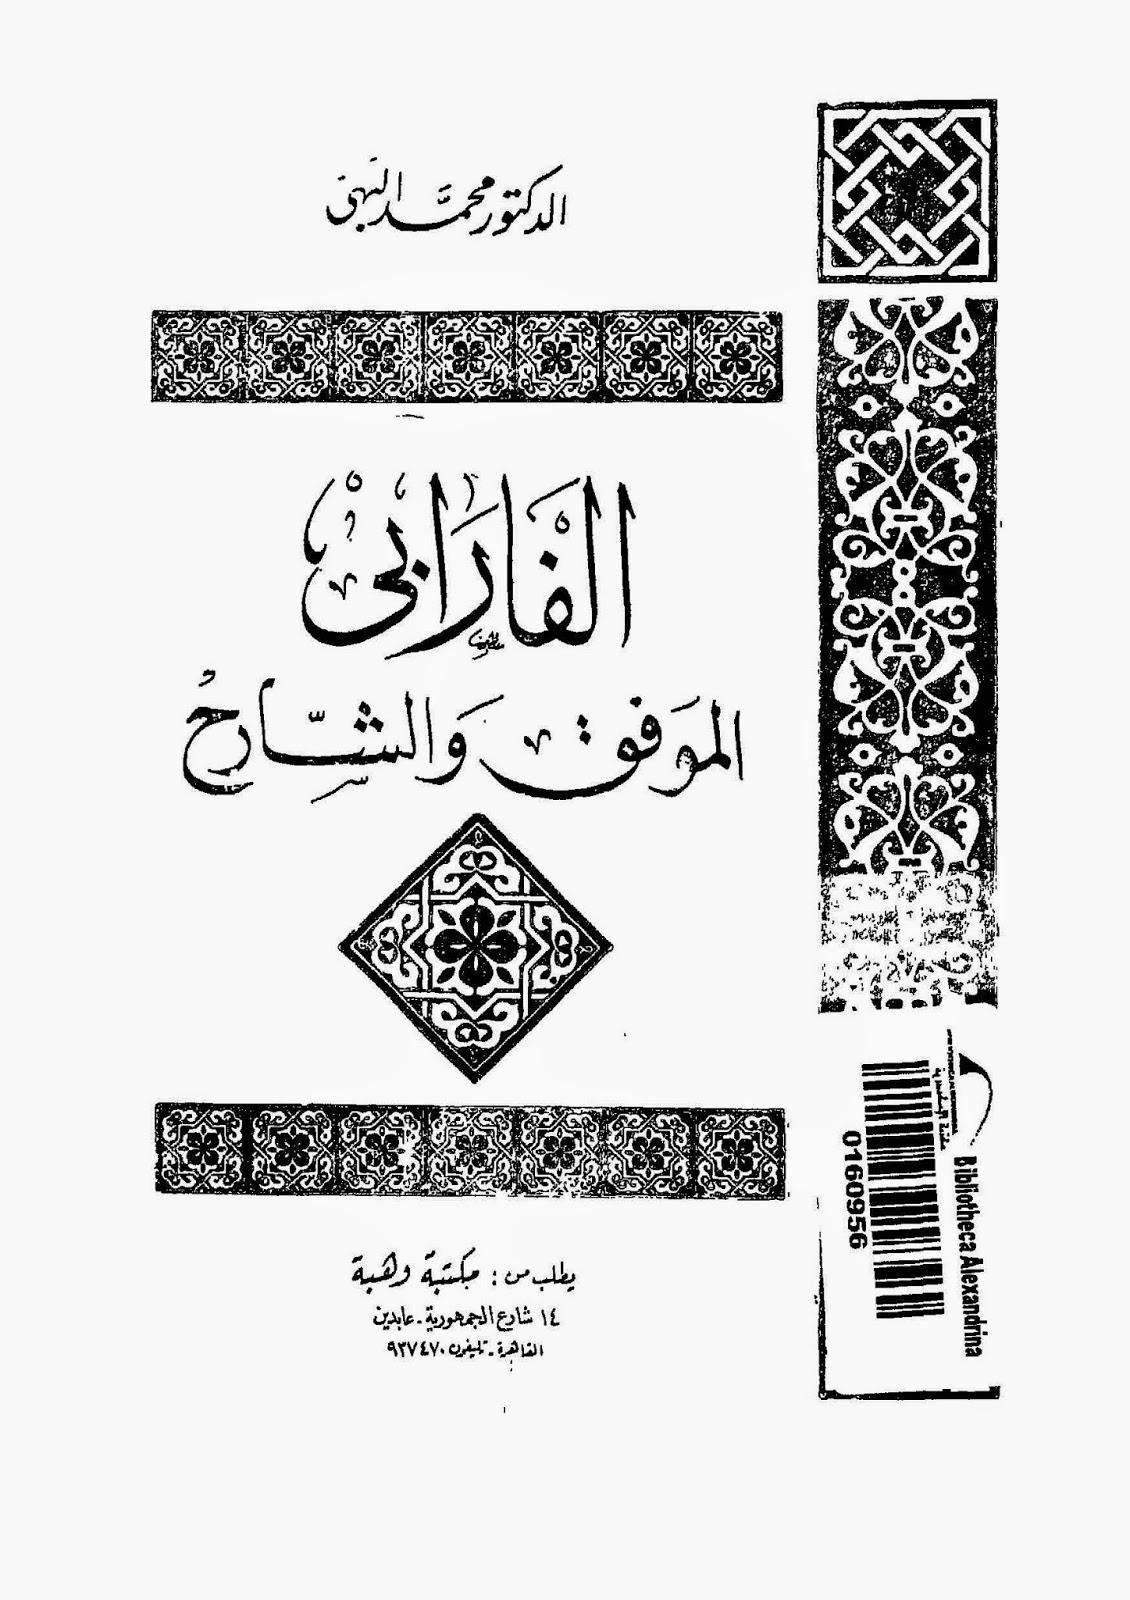 كتاب الفارابي الموفق والشارح - محمد النهبي